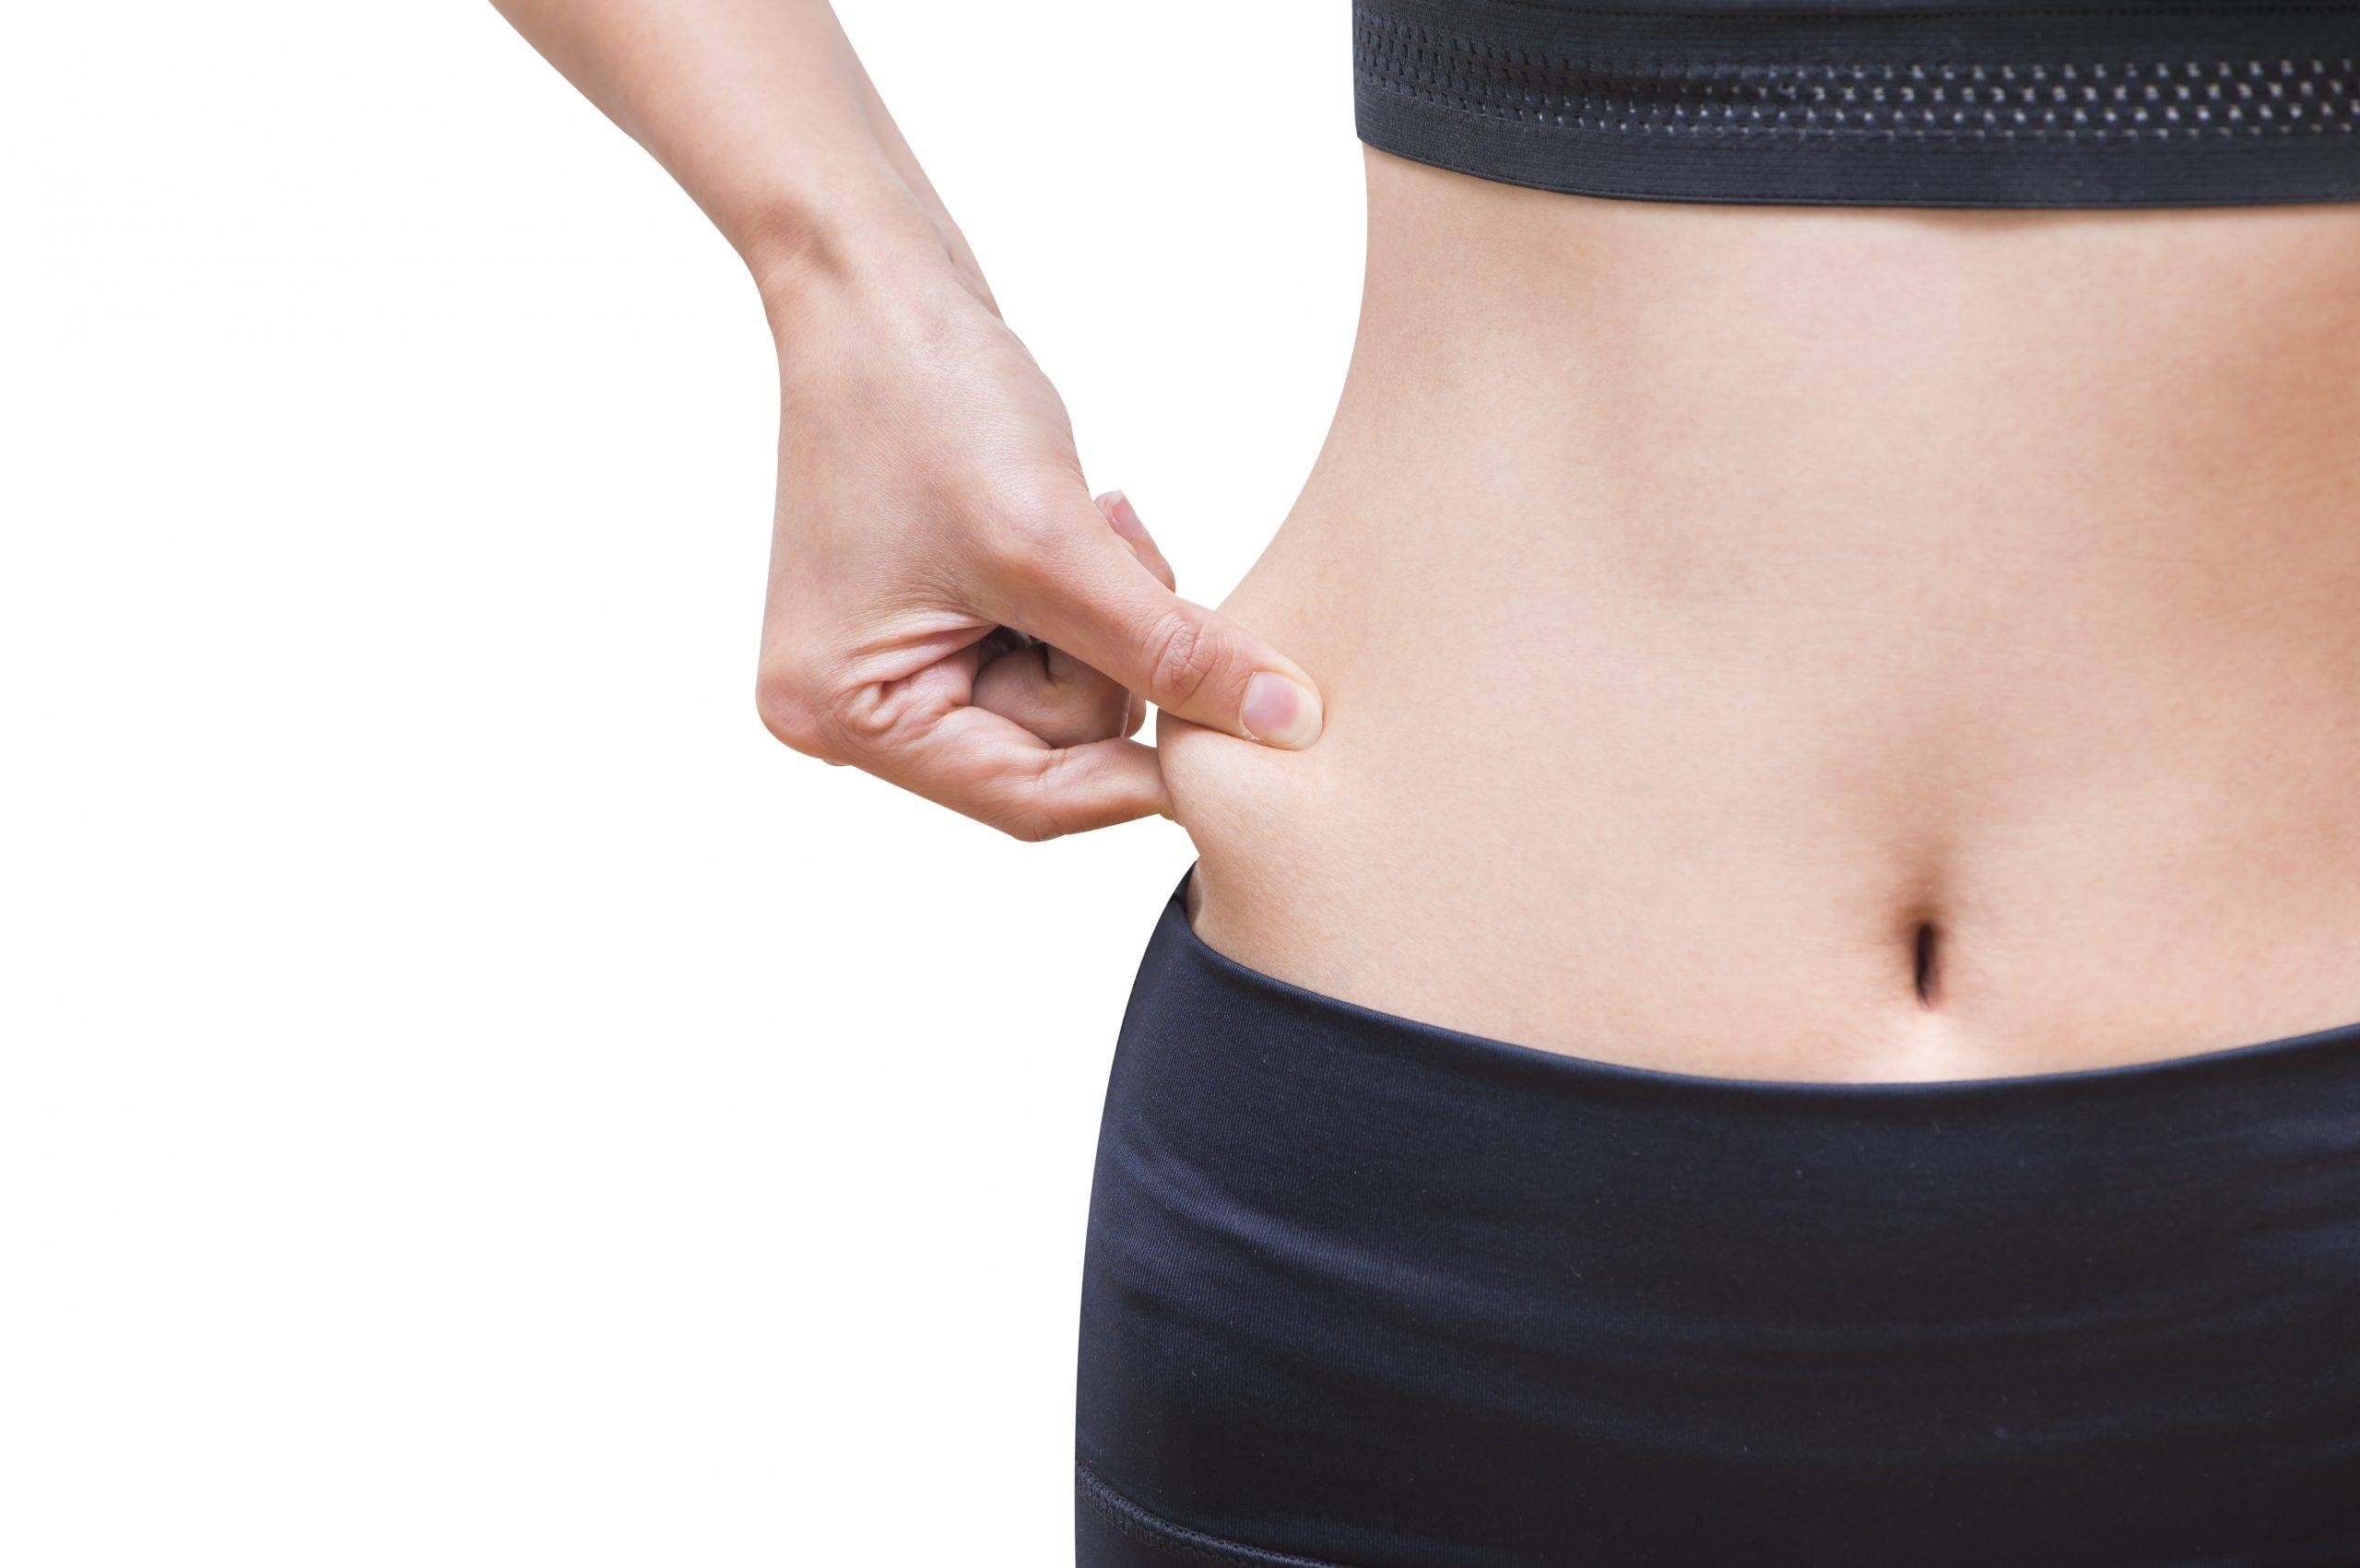 1 2 3 4 típusú zsírégető - Capsiperin 6 - Újdonság! Fogyókúra, zsírégetés hatékonyan